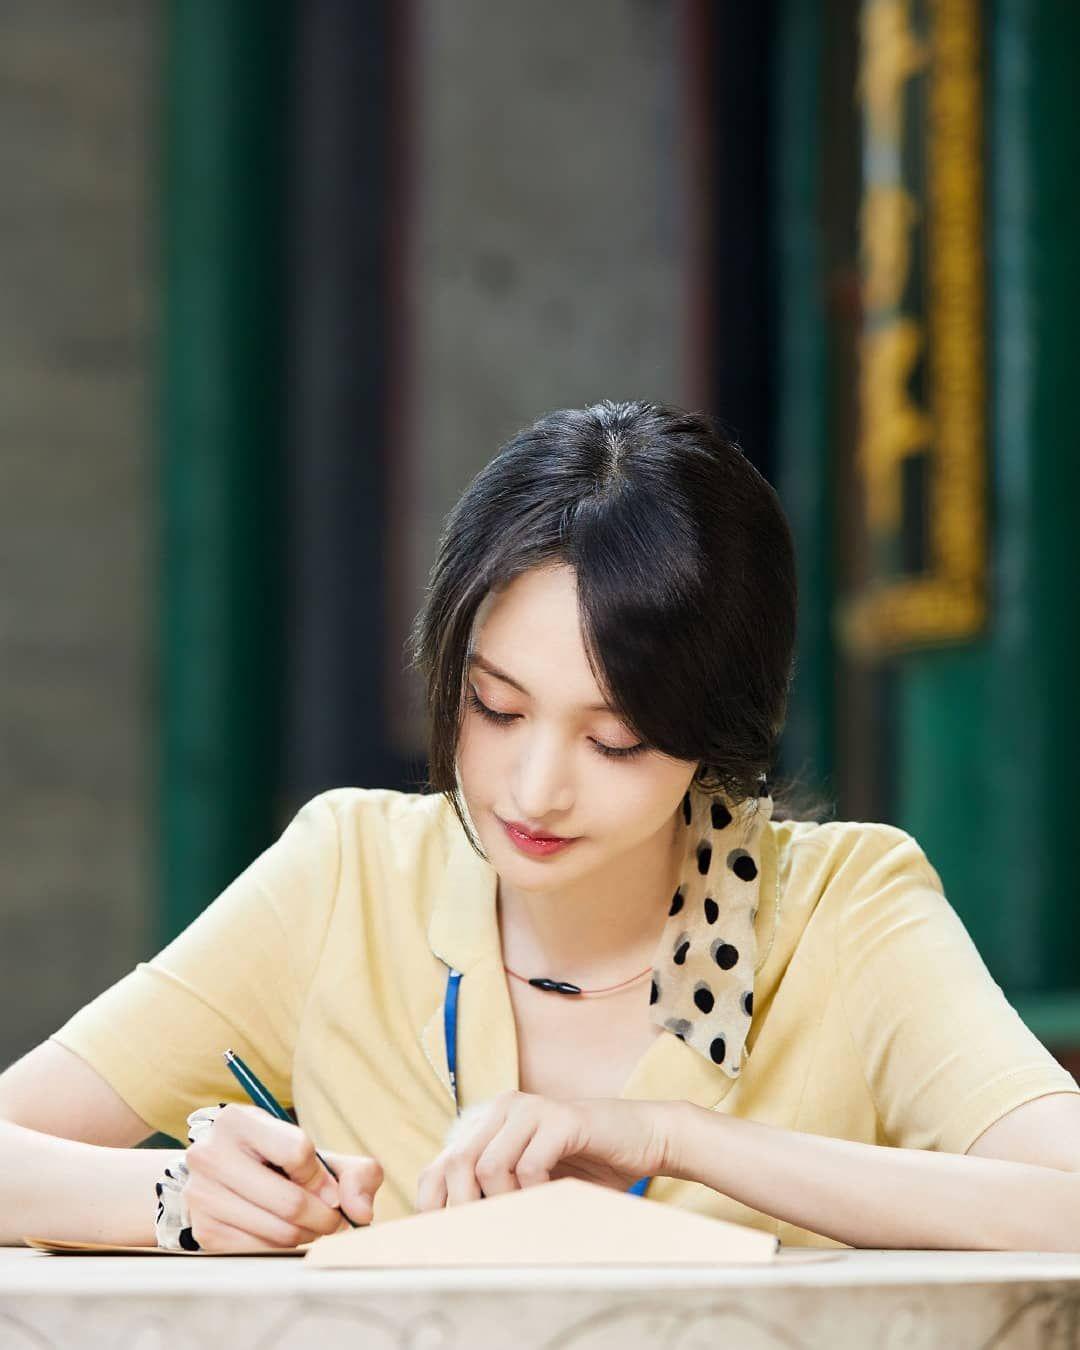 Ahn Yujin Laughing | Nữ thần, Hình ảnh, Nữ diễn viên